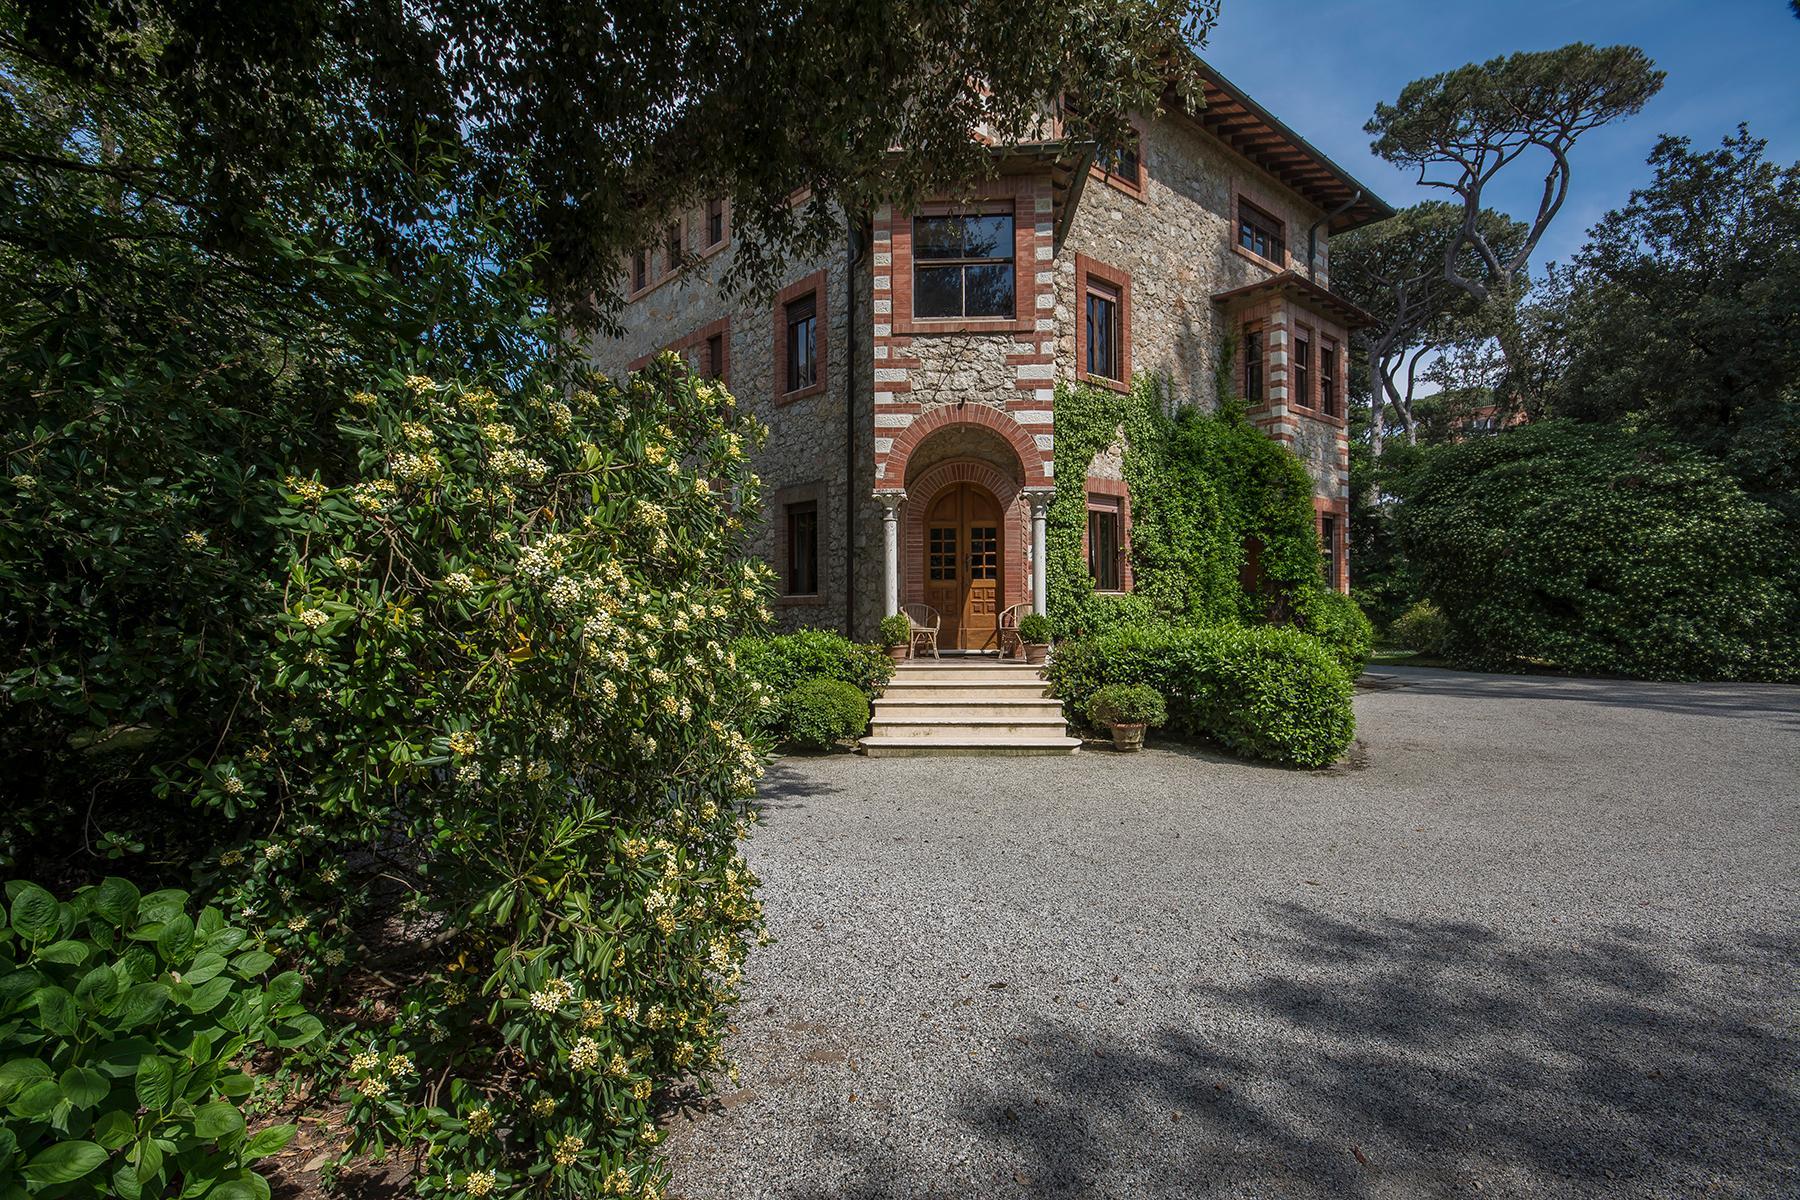 Wunderschöne Villa wenige Schritte vom Meer entfernt - 3